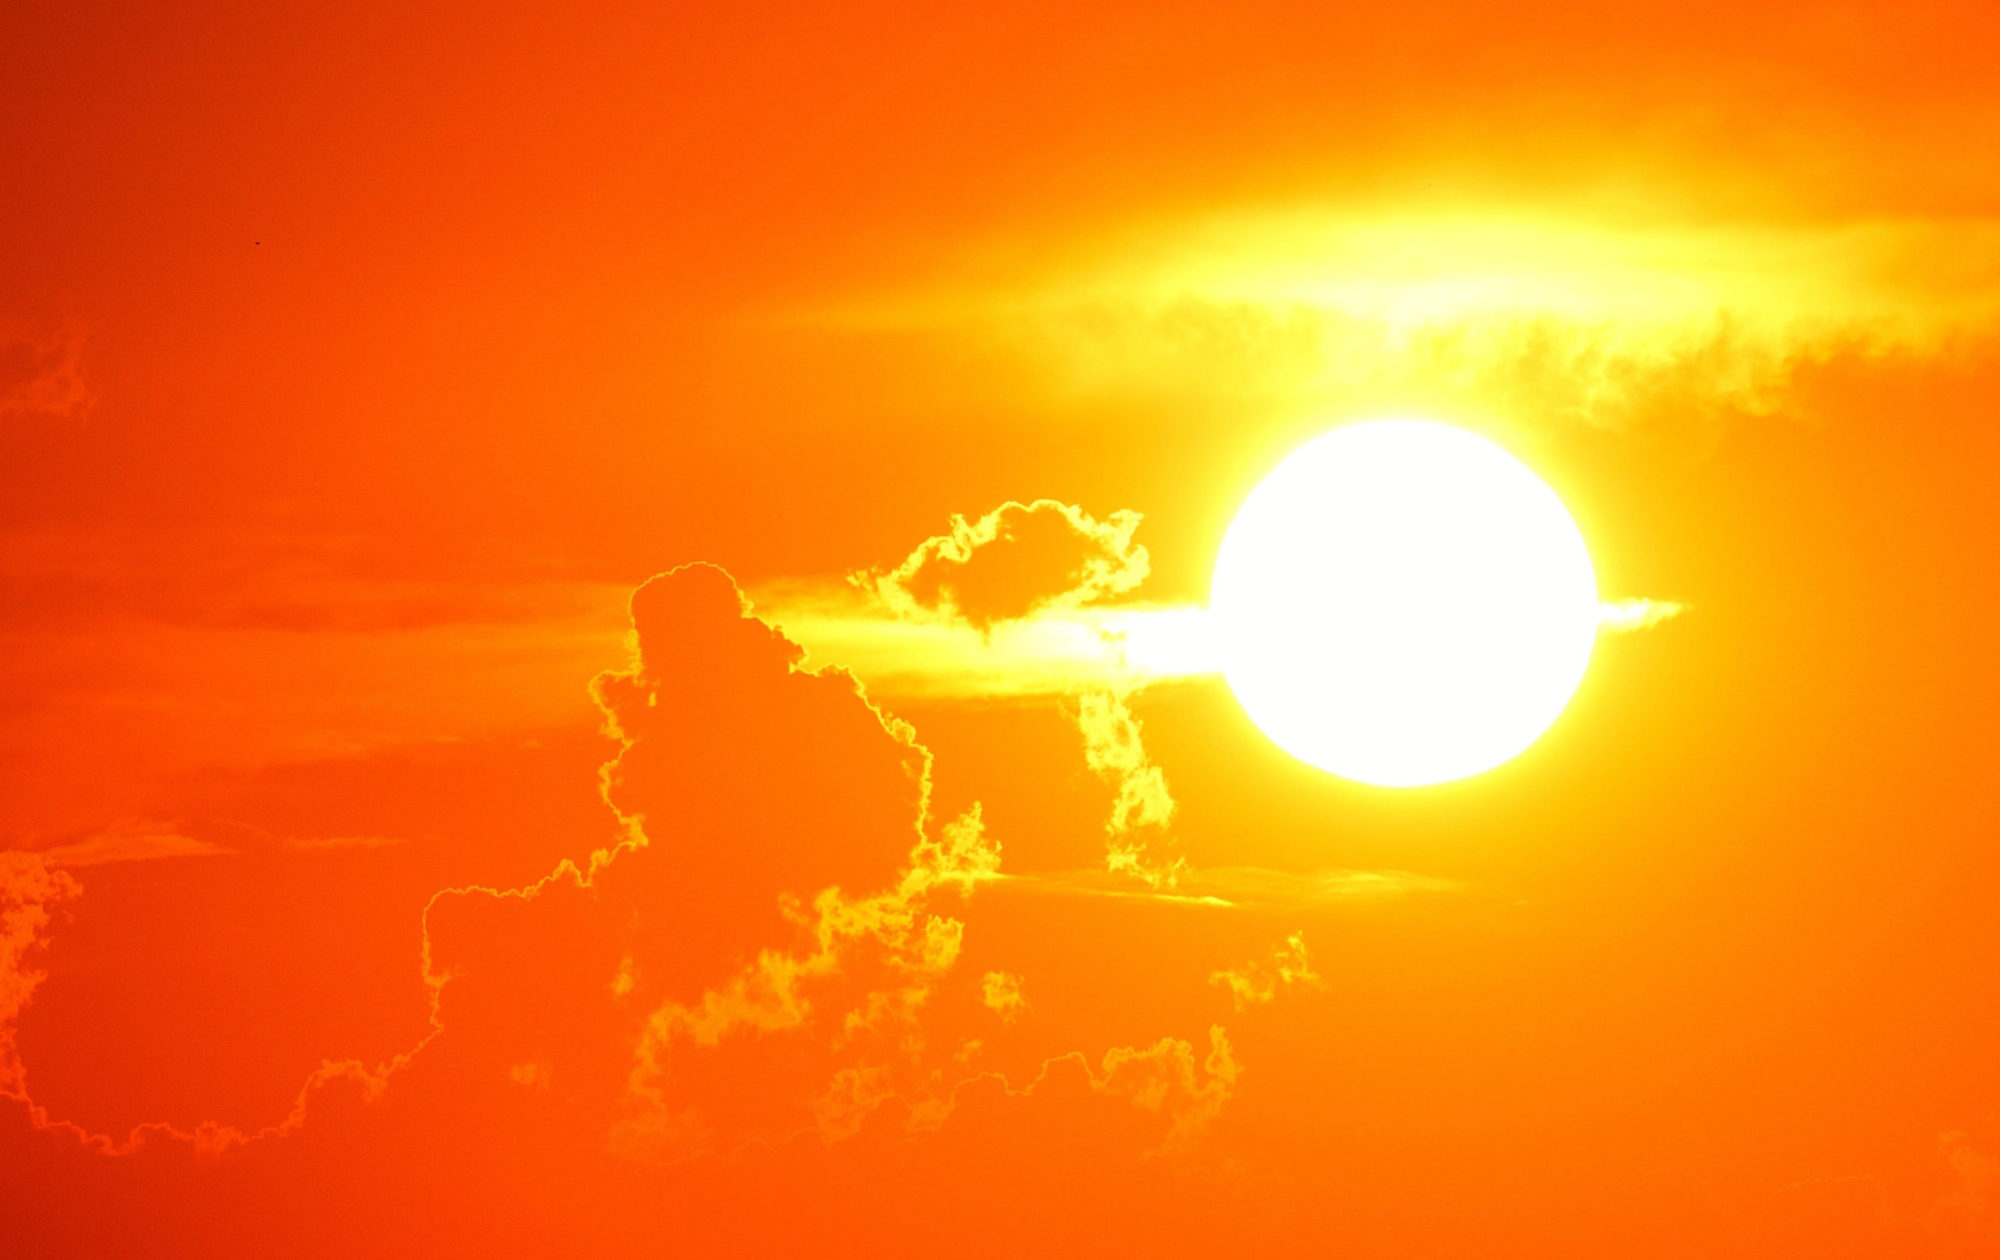 Focal Sun